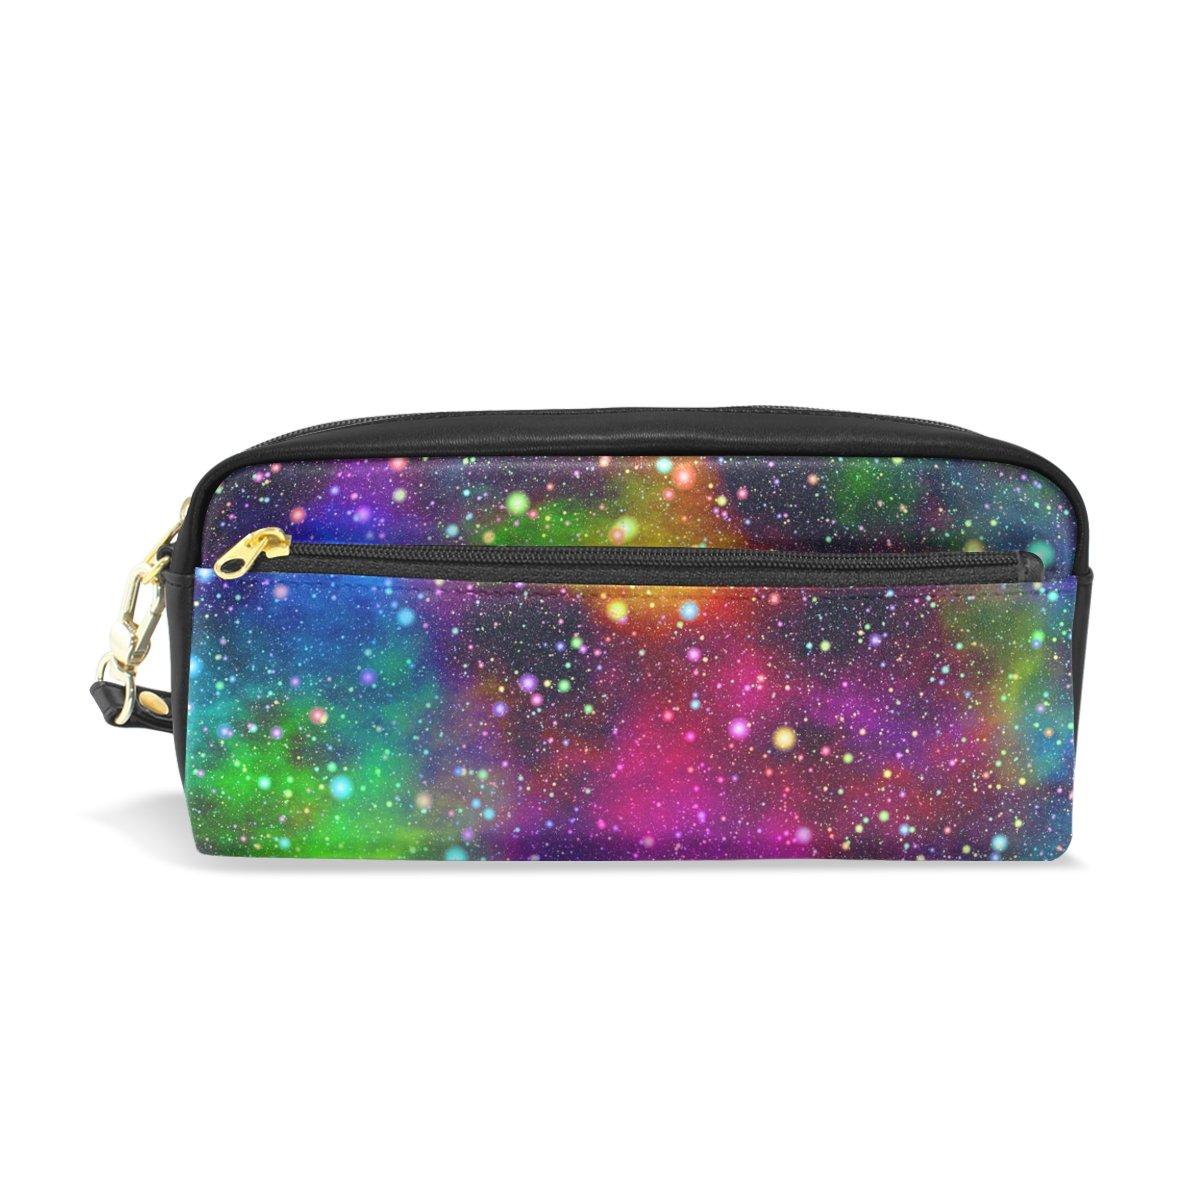 鉛筆ケースポーチストレージUniverse Starry Nebula Starry Nebula B07F1BWKMF Galacticひな形CosmeticメイクアップWristletsバッグジッパー B07F1BWKMF, JOHNBLAZE:09bf08ad --- kapapa.site